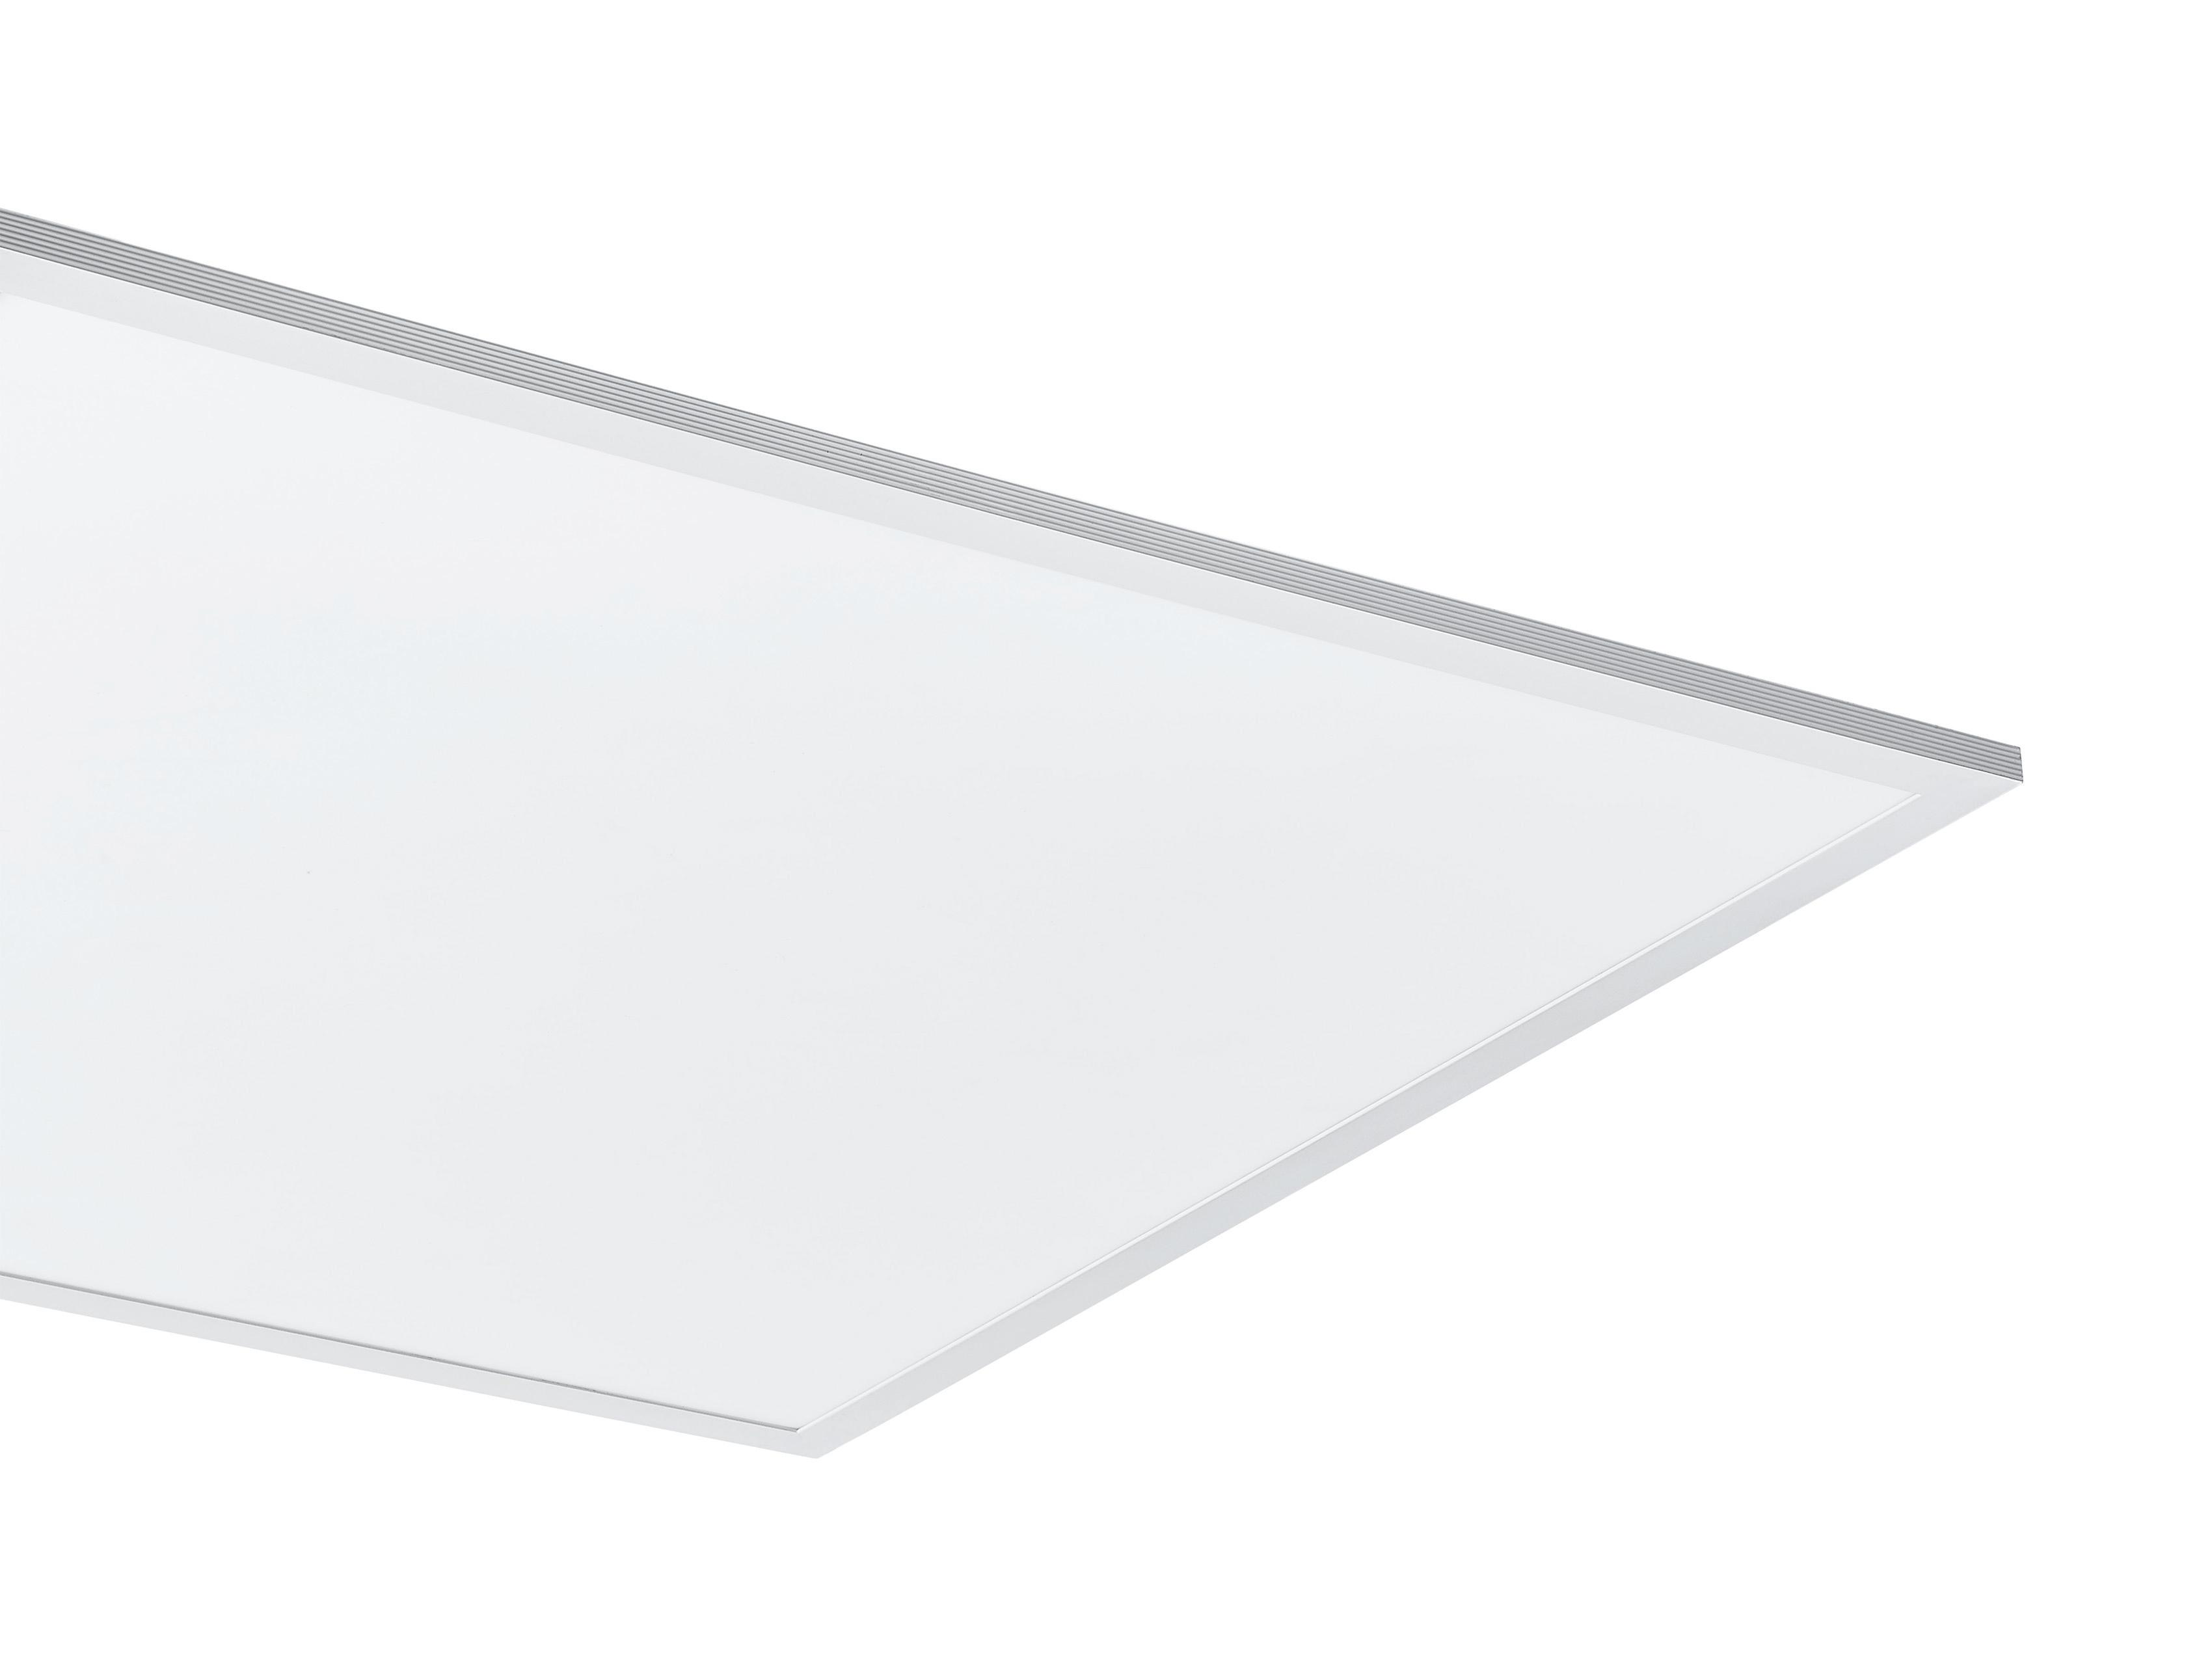 sylvania start flat panelled 600x600 46w 830 leuchte sylvania 1 st ck g nstig online kaufen. Black Bedroom Furniture Sets. Home Design Ideas